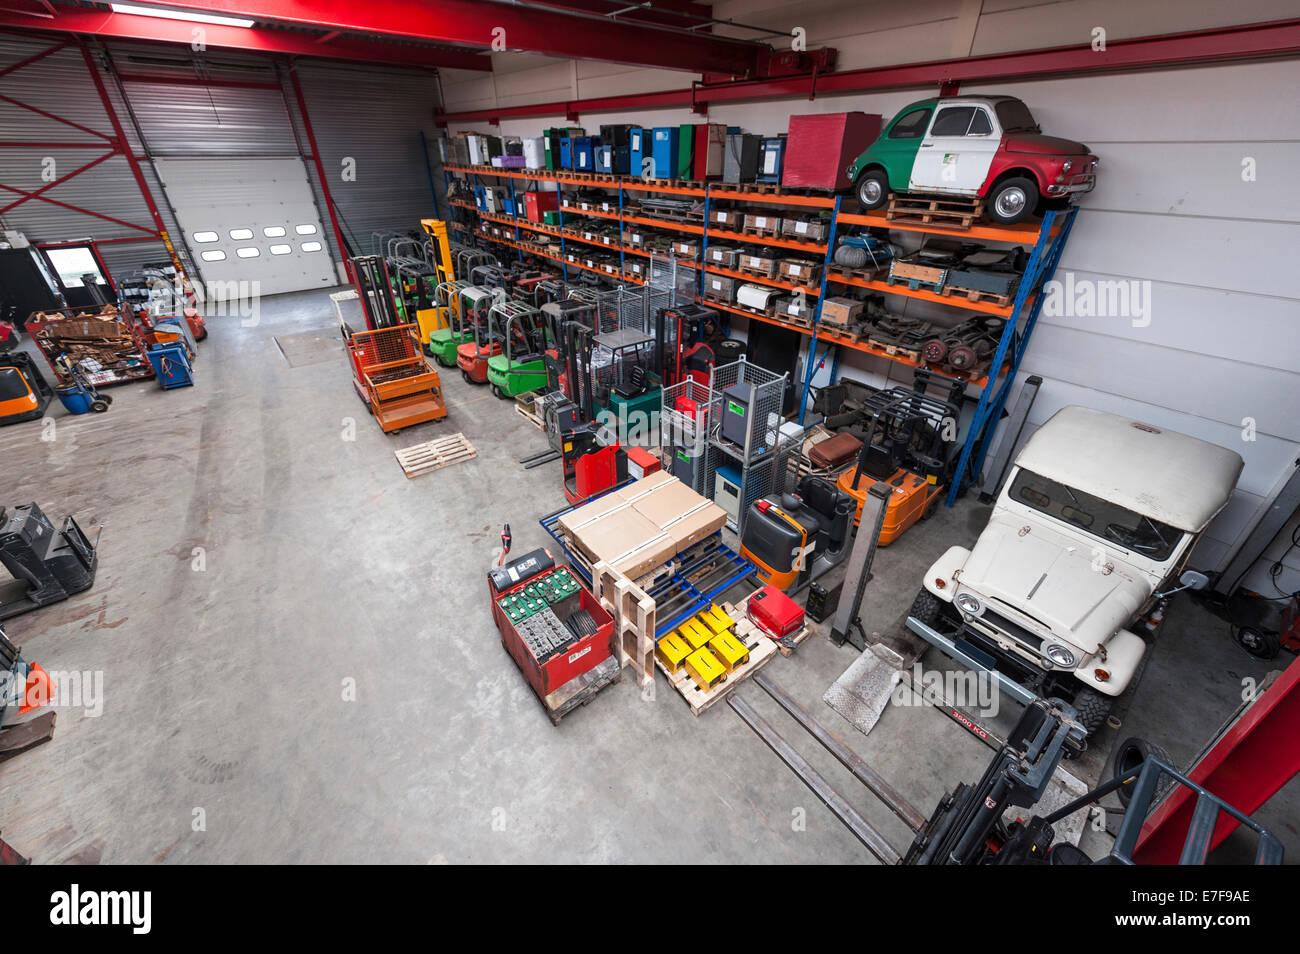 Portrait de machines dans l'entrepôt Photo Stock